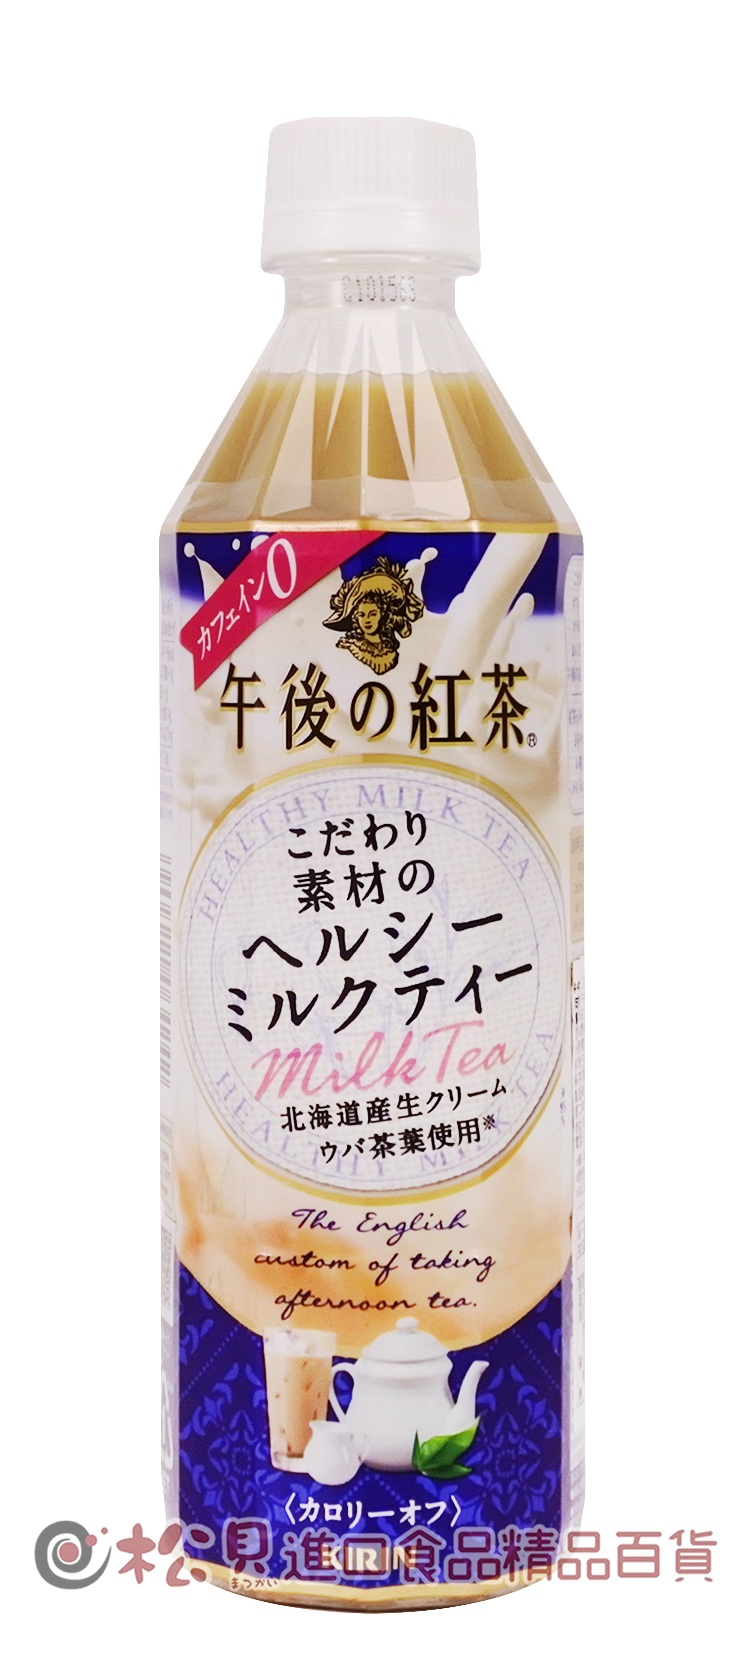 麒麟午後北海道奶茶500ml【4909411064242】.jpg